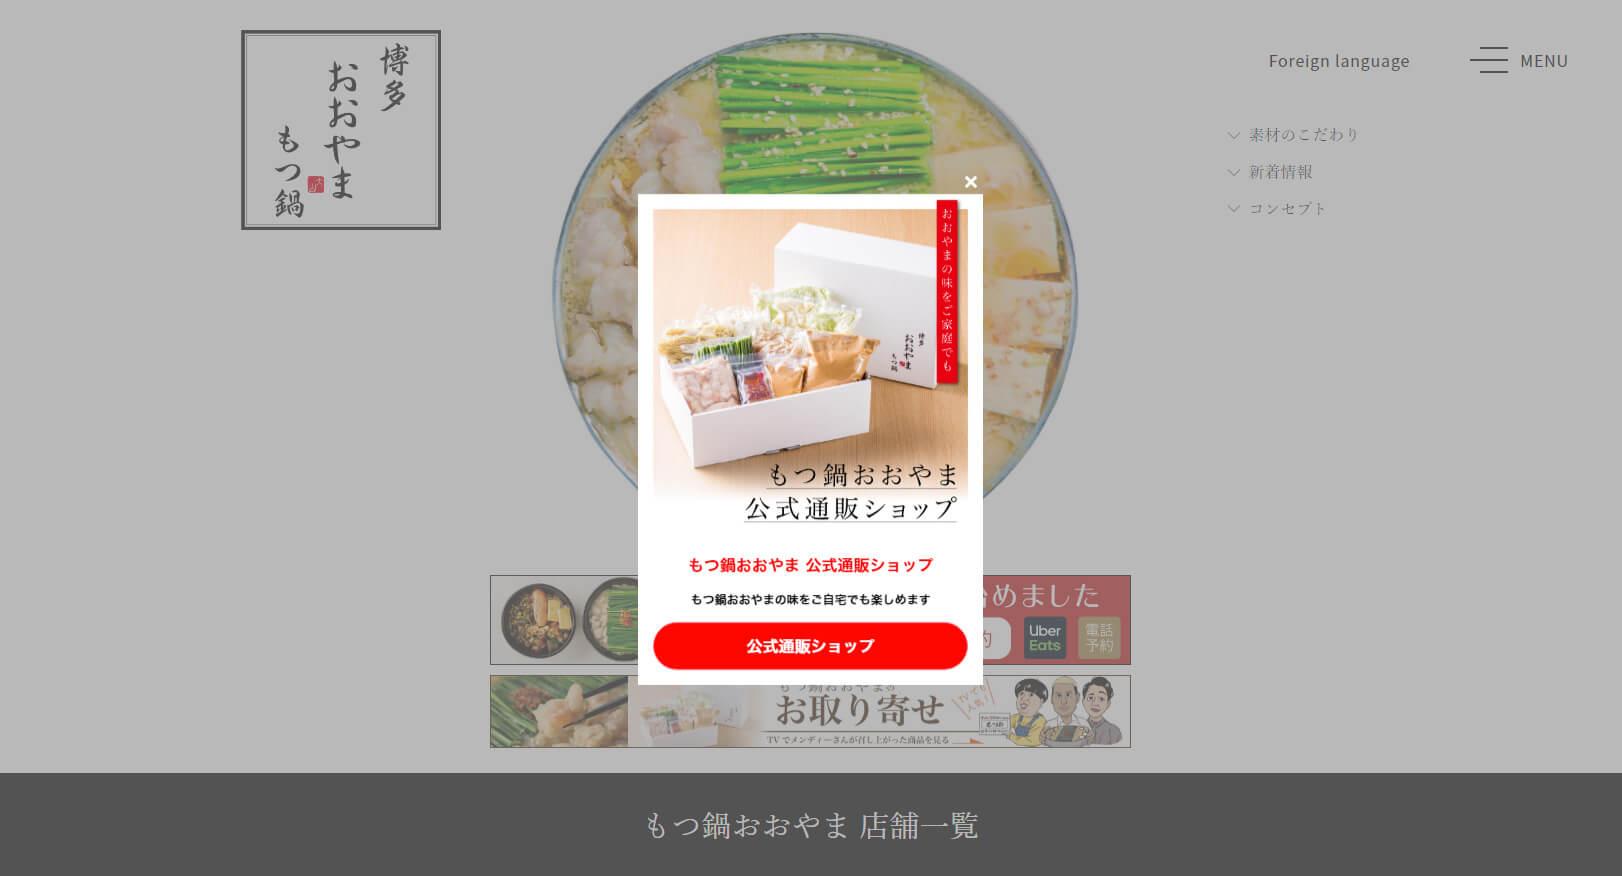 博多もつ鍋 おおやま(株式会社 LAV)